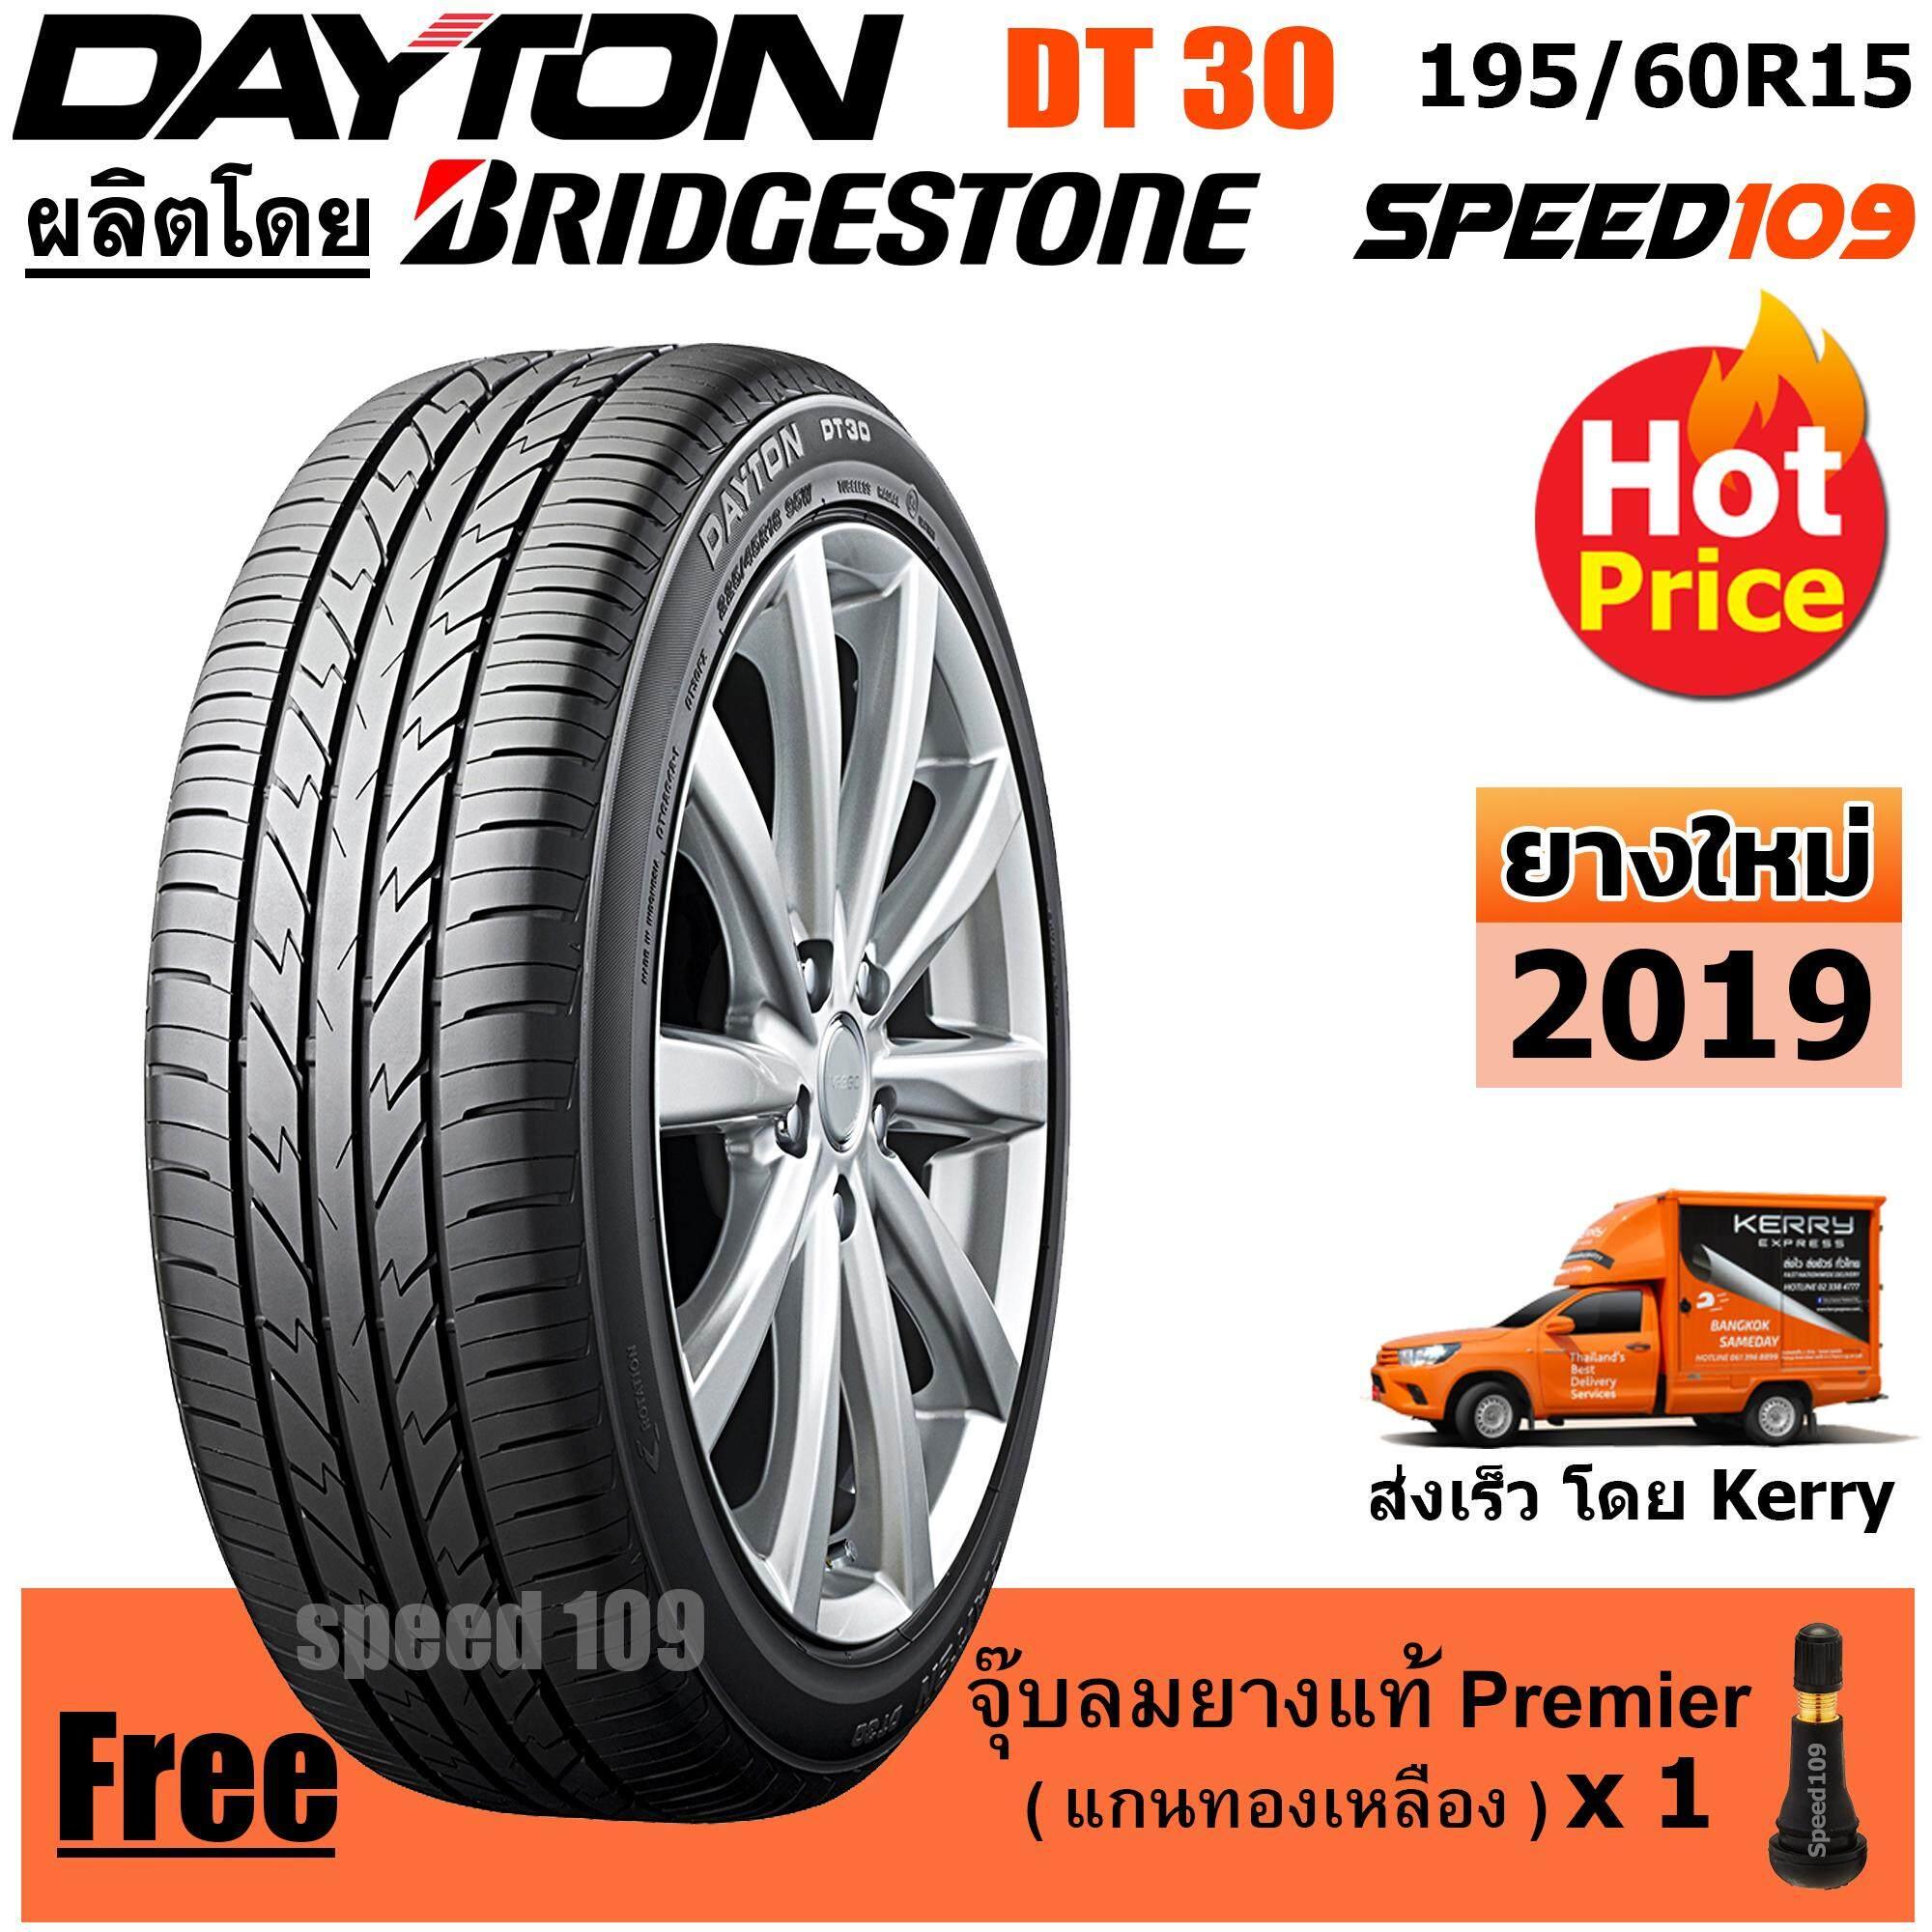 ขายดีมาก! DAYTON ยางรถยนต์ ขอบ 15 ขนาด 195/60R15 รุ่น DT30 - 1 เส้น (ปี 2019)